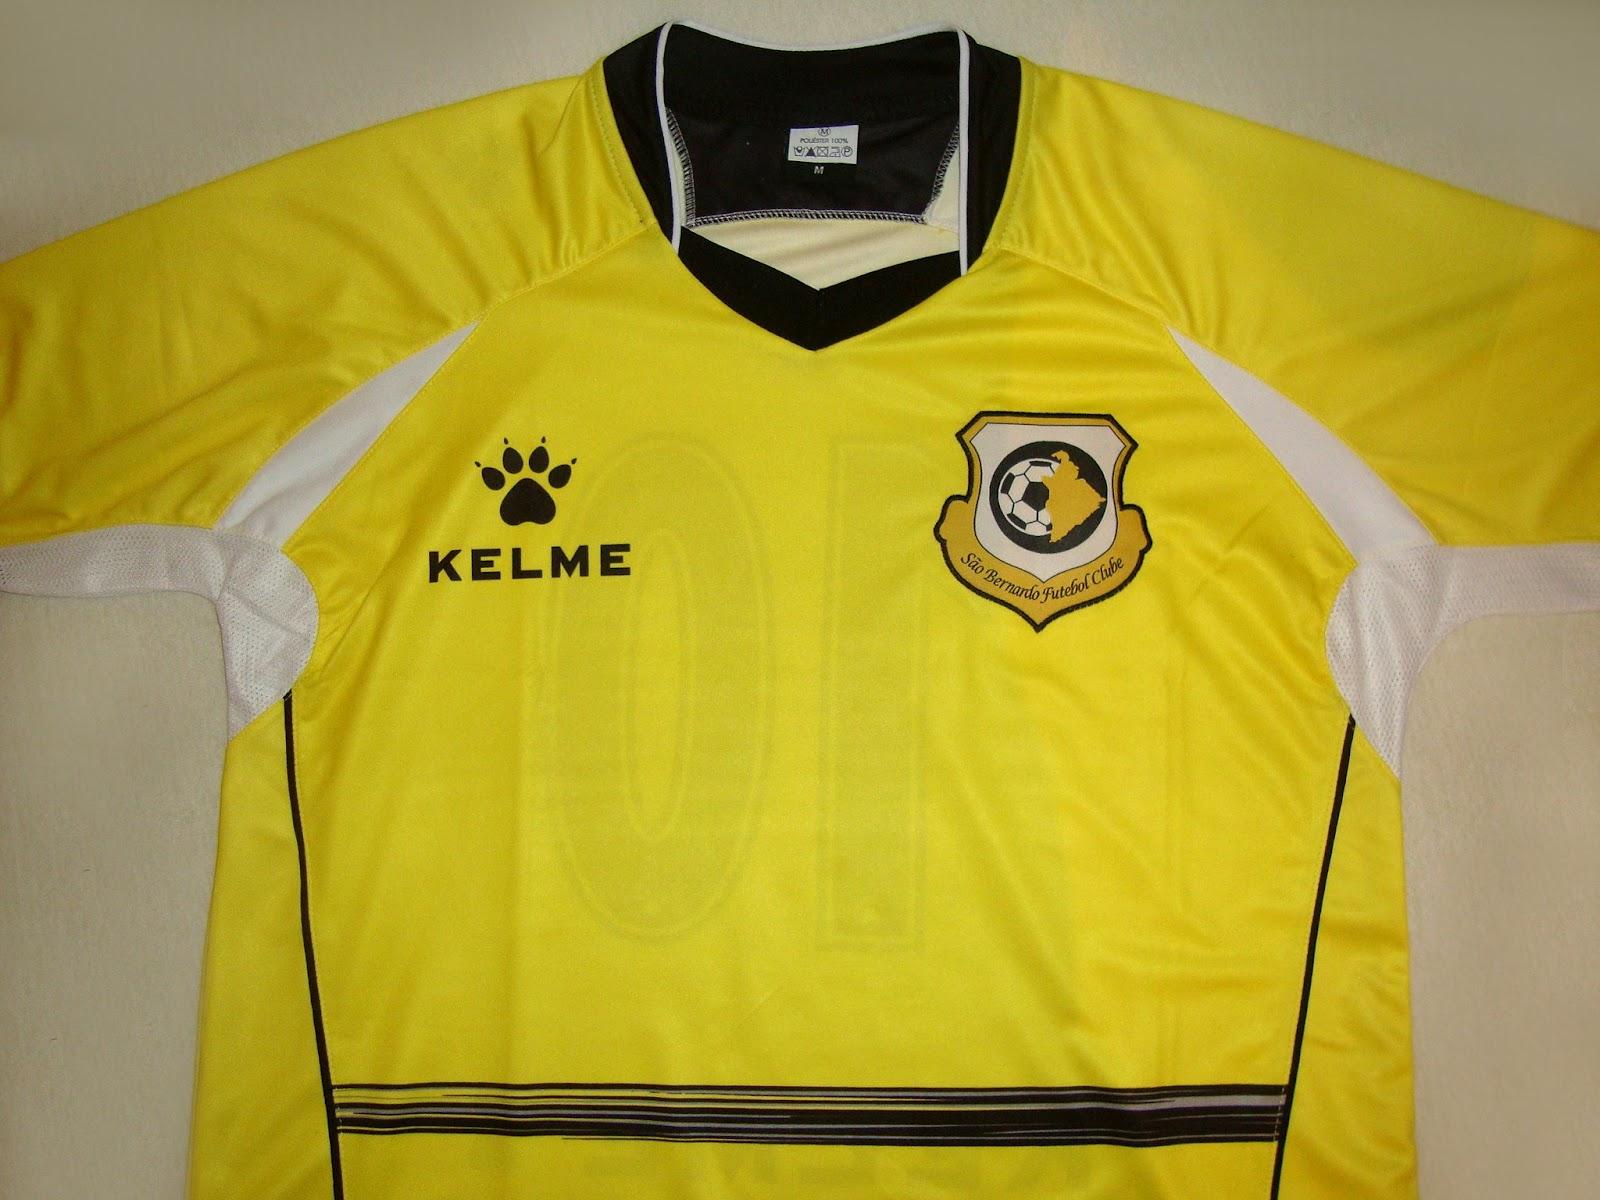 d03bf028a A Classic Football Shirts possui a maior coleção de camisas internacionais  de futebol. A loja faz entregas no mundo todo e usando o cupom